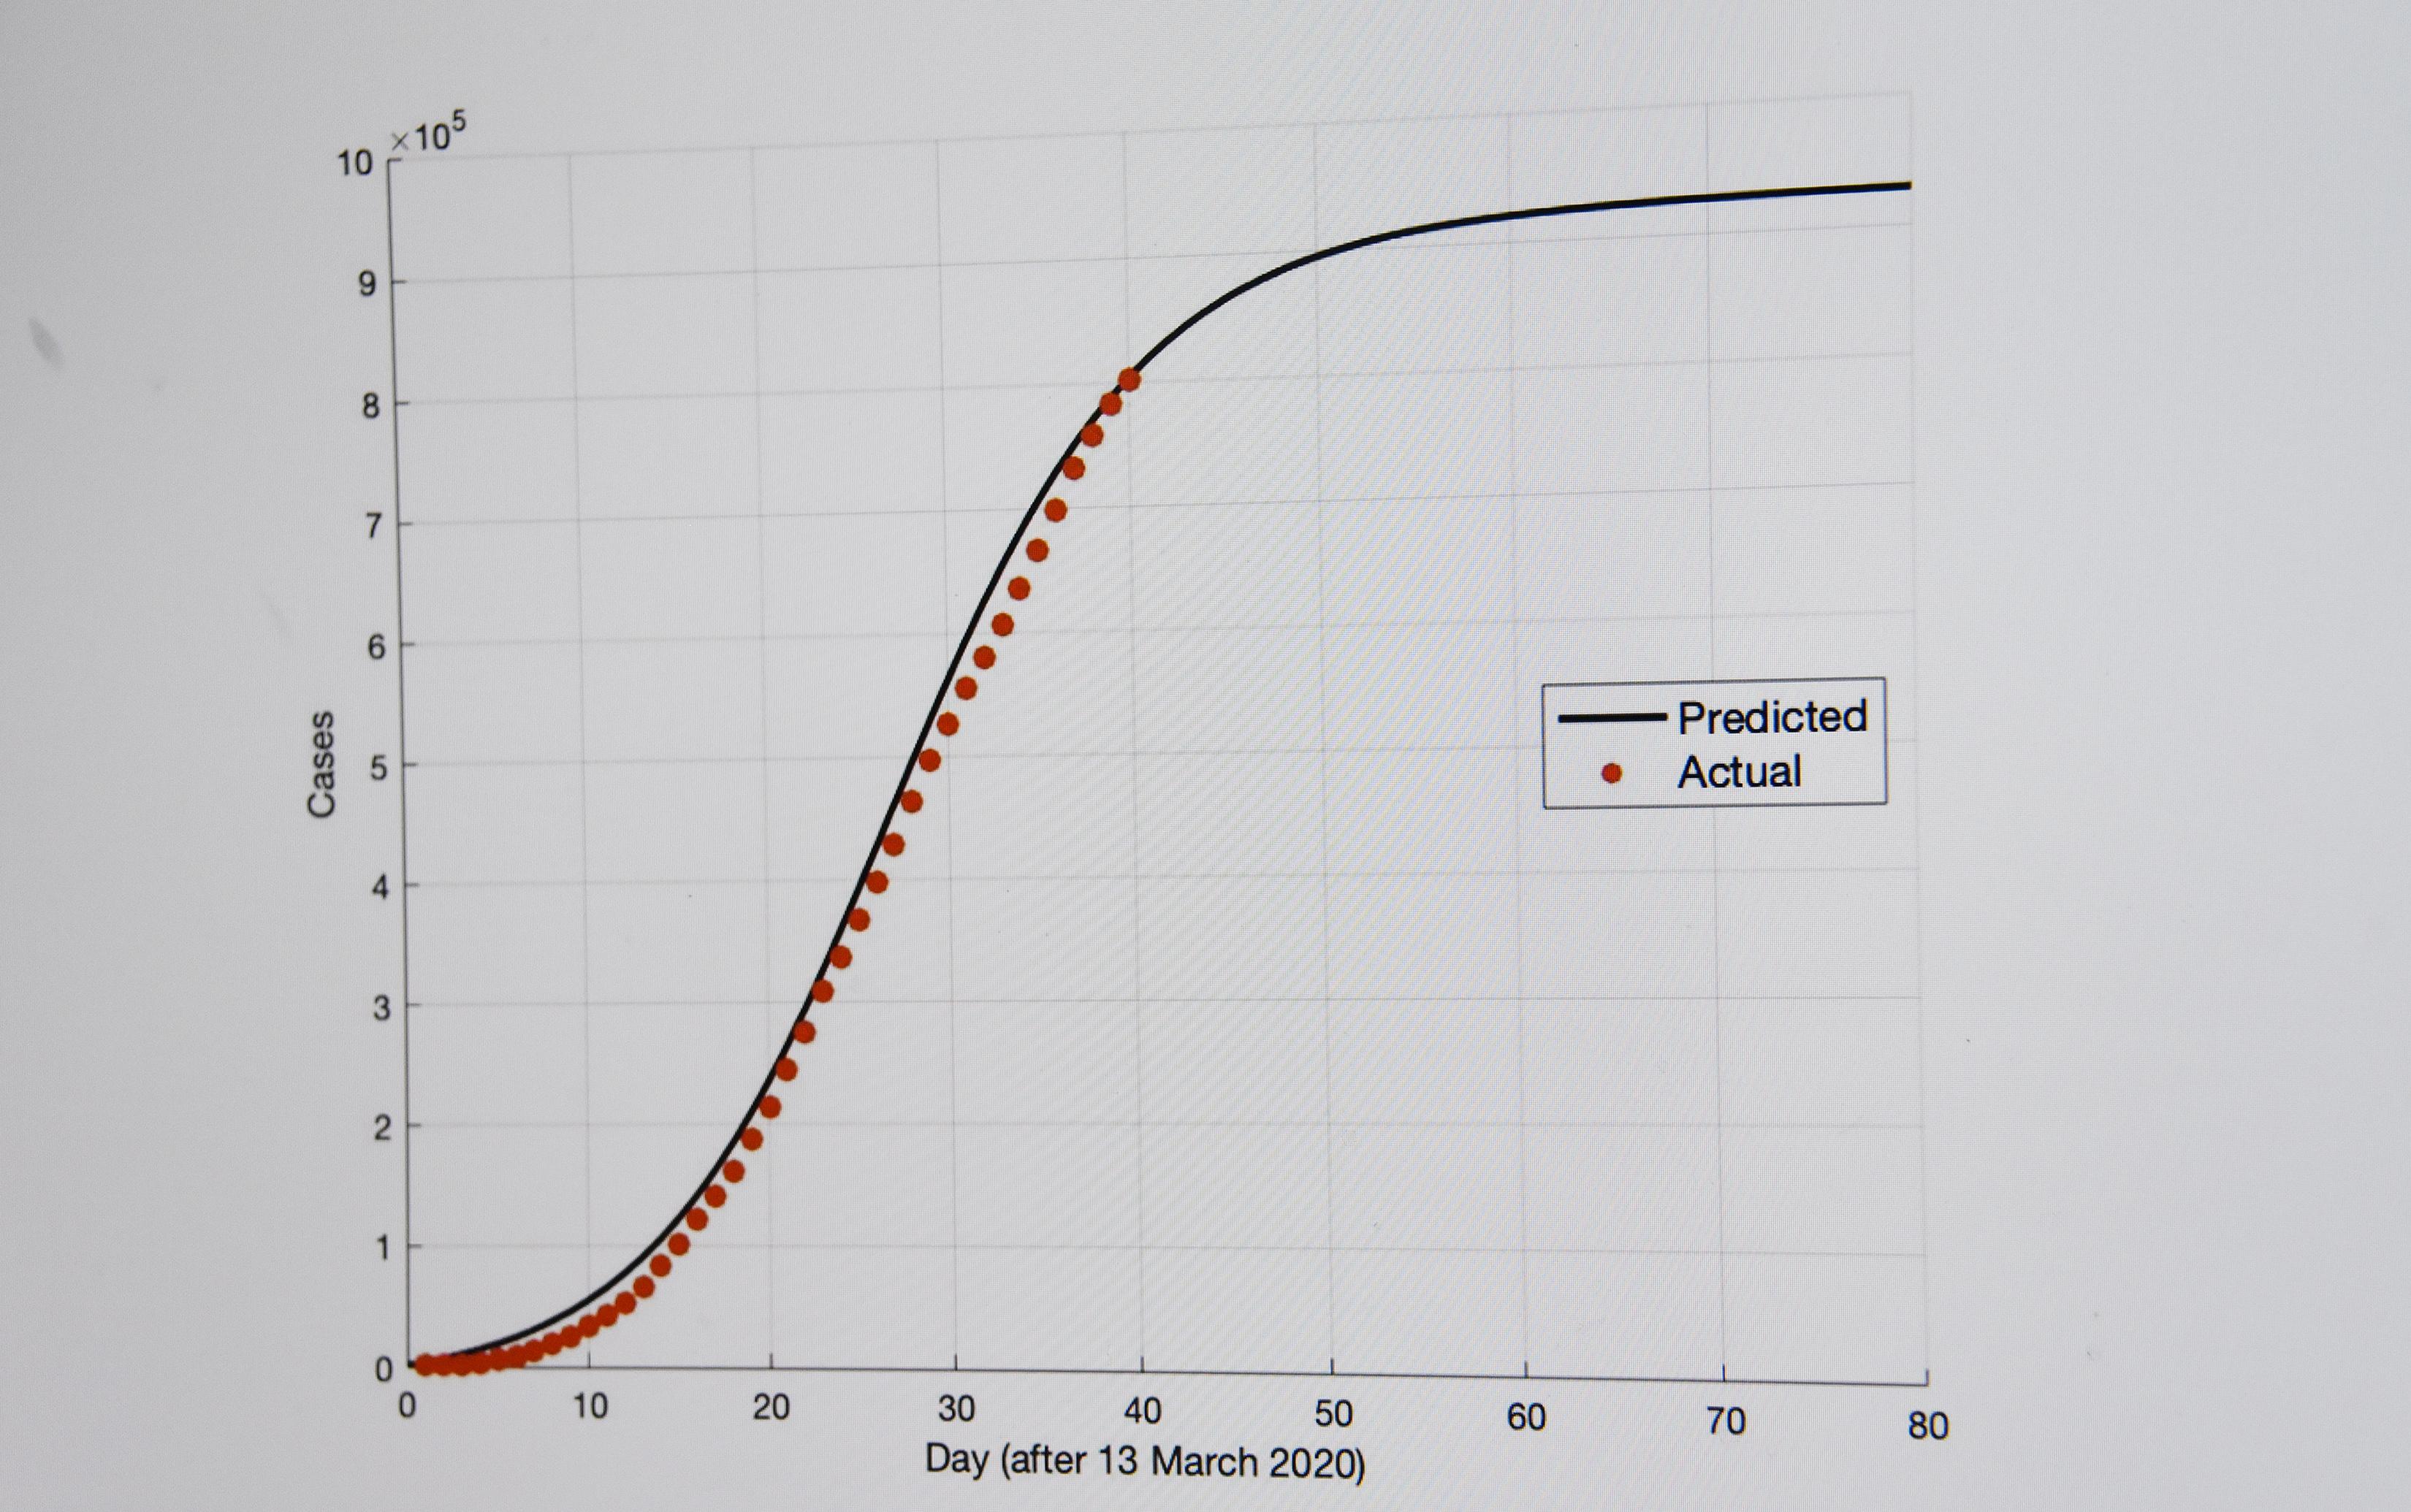 Senior project calculates COVID-19 future